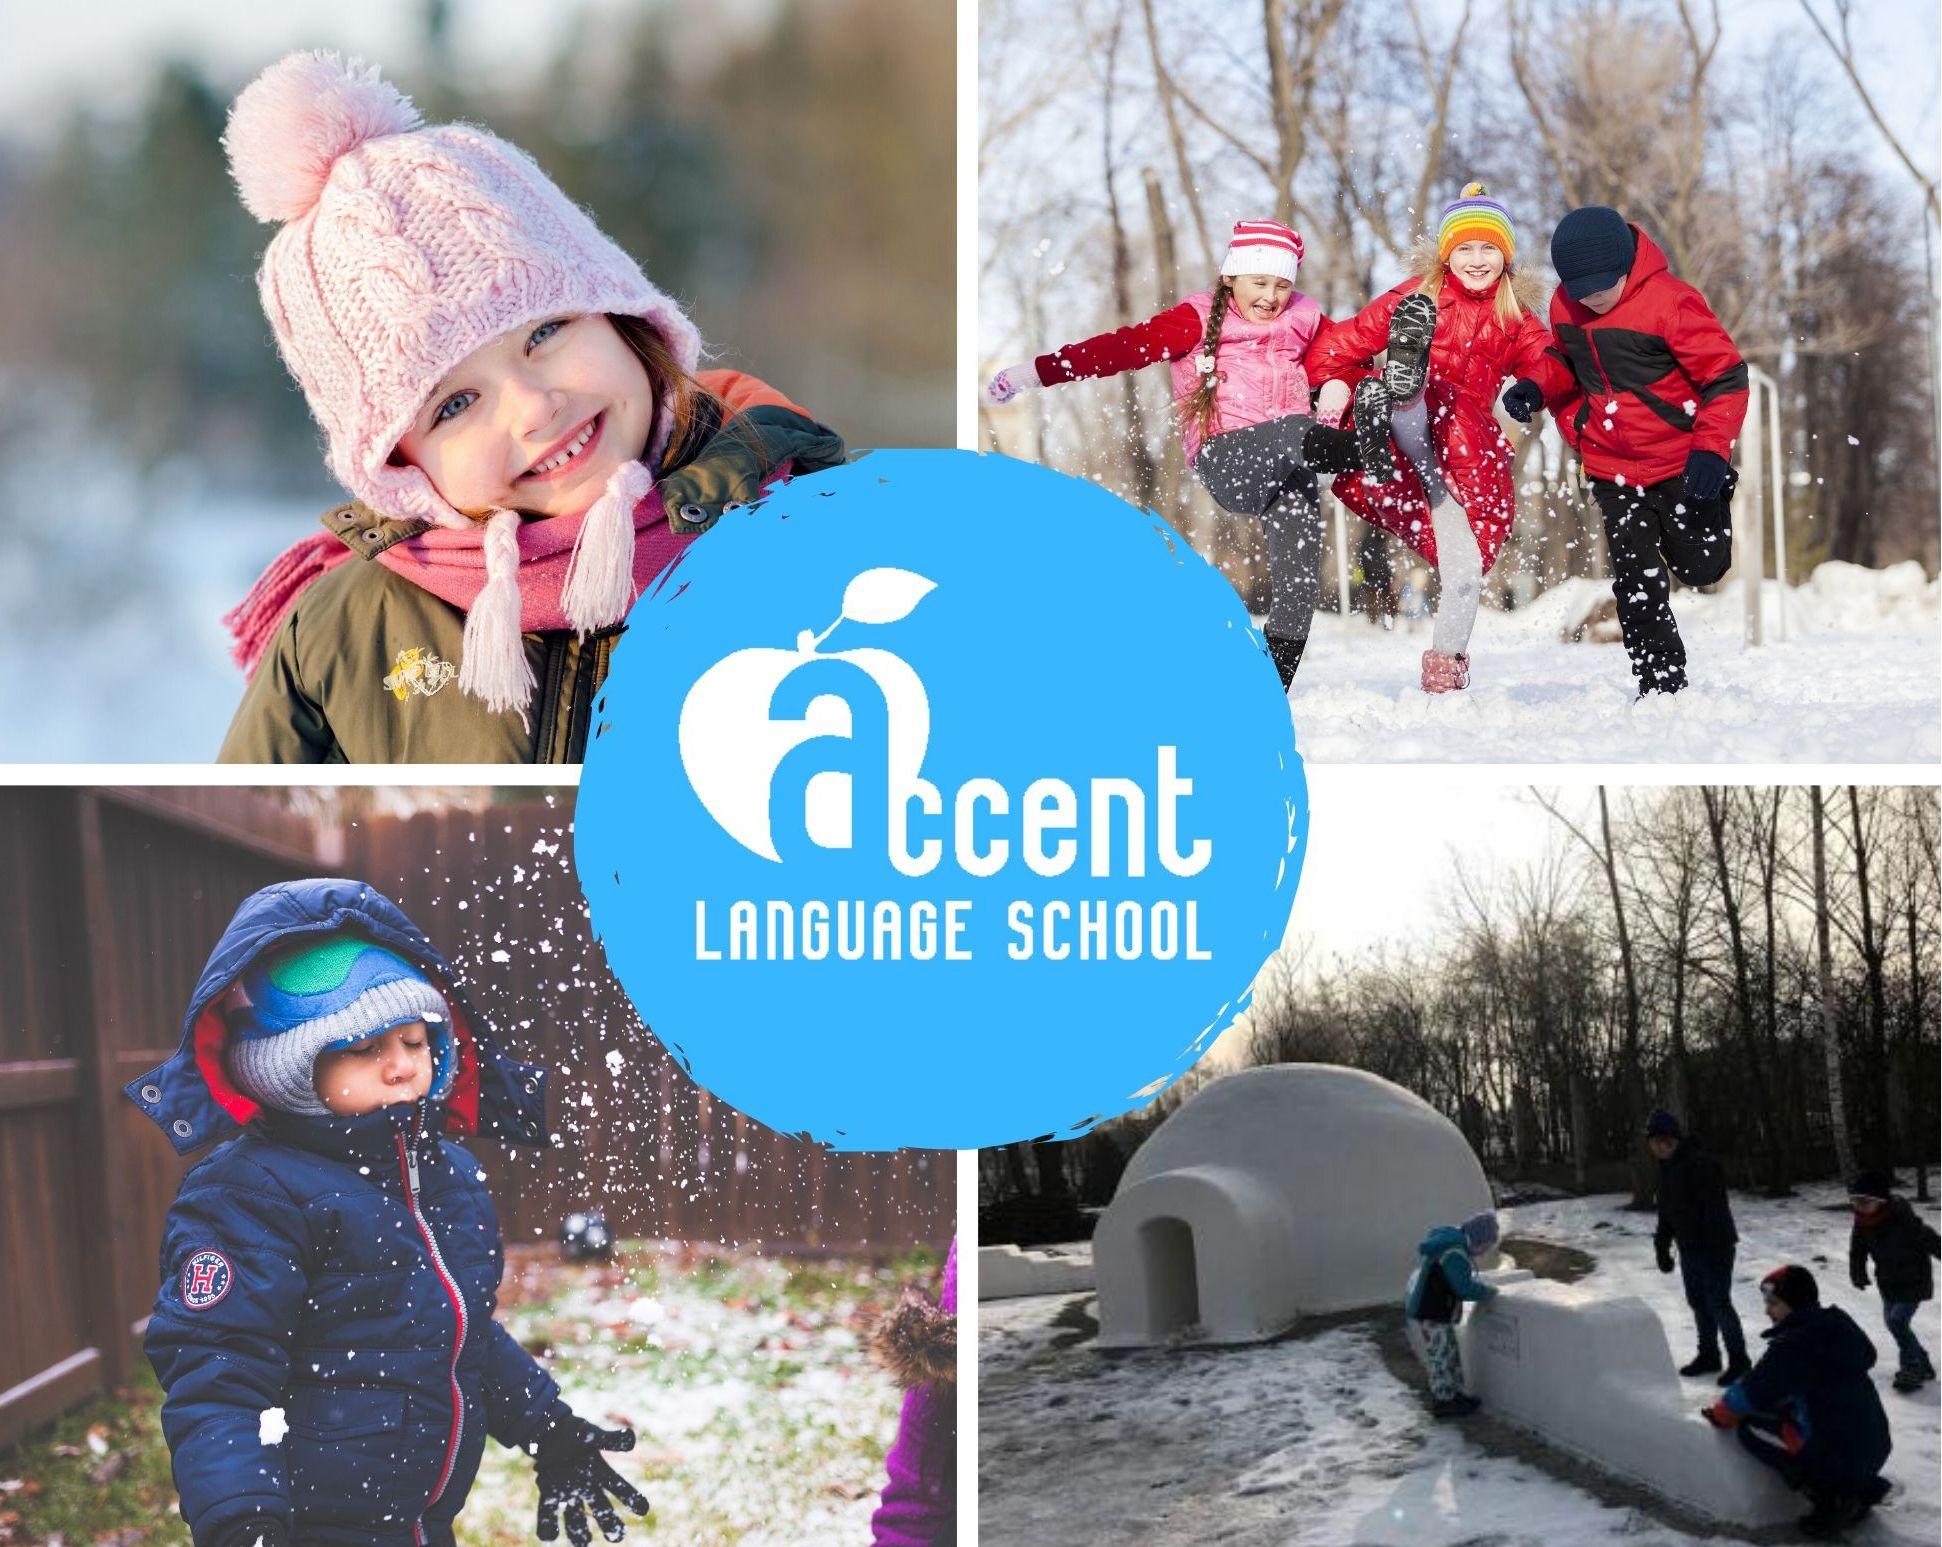 Ferie w Accent Language School!